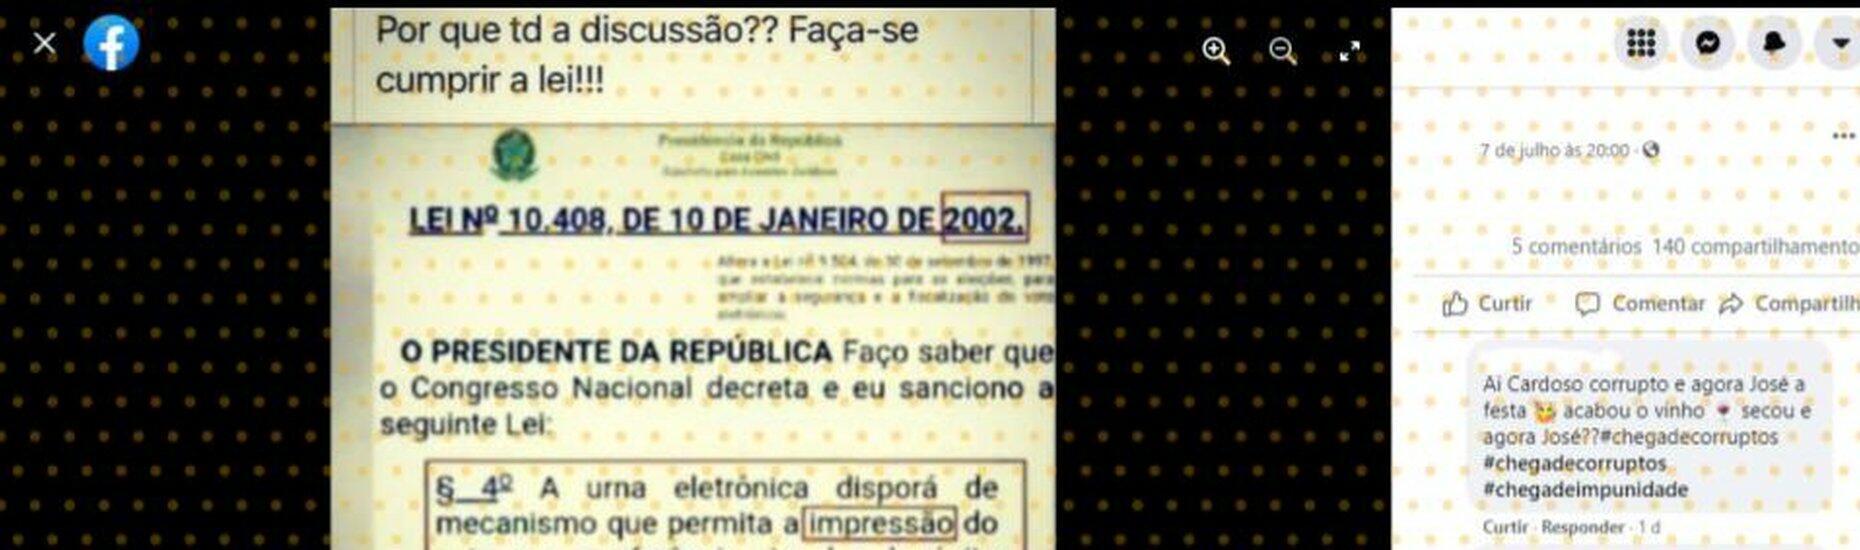 Voto impresso NÃO é lei obrigatória no Brasil